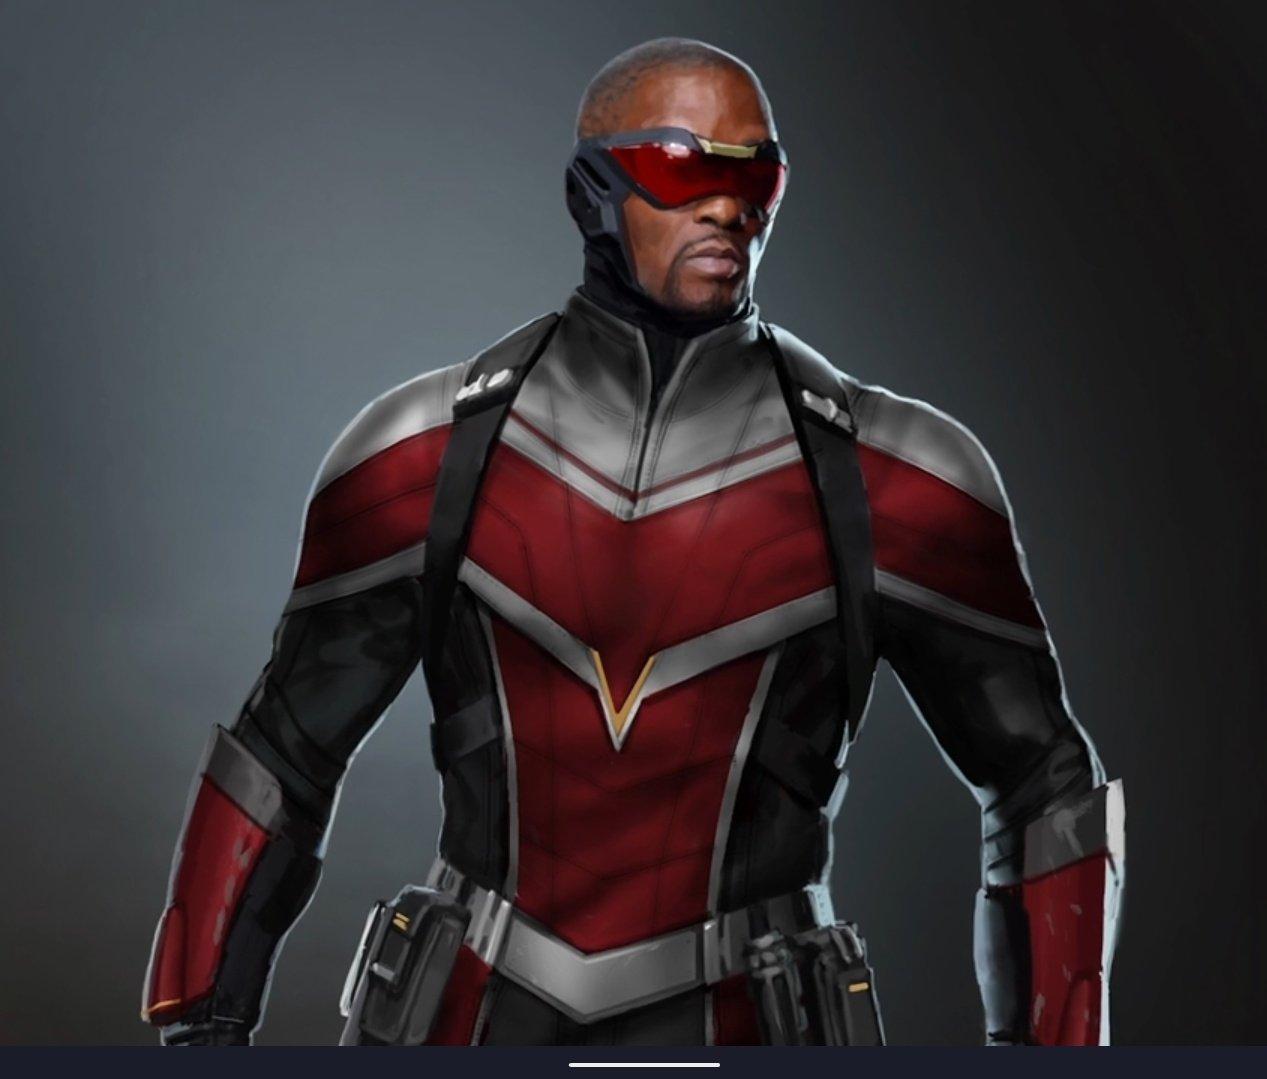 Дочь Тони Старка, Железный Стрэндж и тизеры «Что, если?» — много дополнительных материалов о Marvel 10